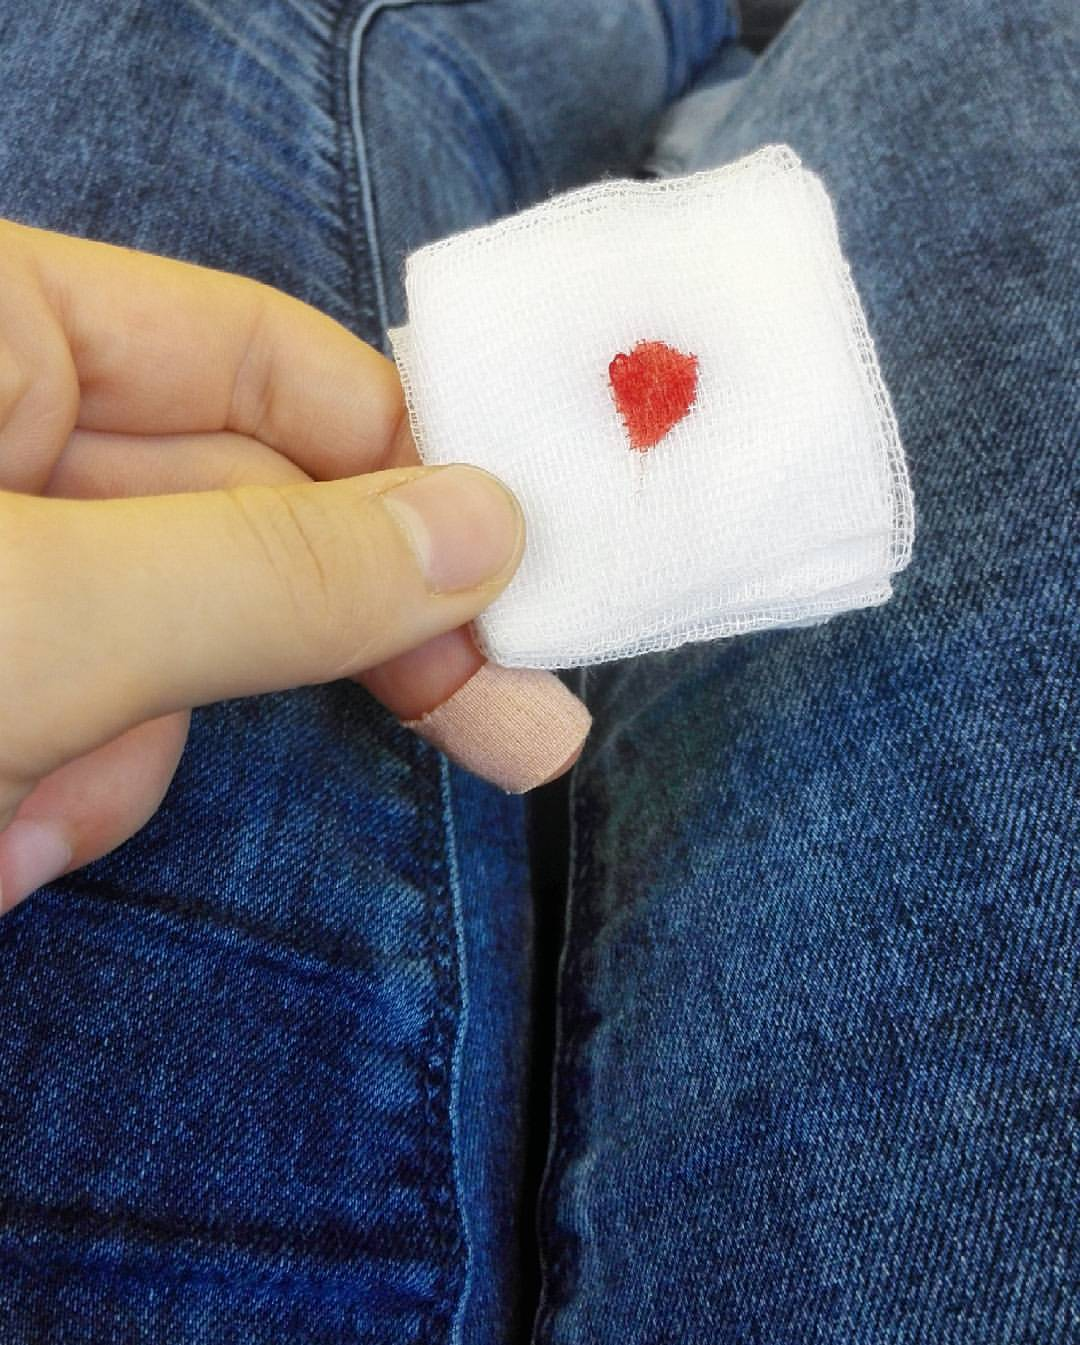 Das Blut kommt von Herzen. #Blutspende im #KlinikumDortmund@klinikumdo#Dortmund #kerngesund #blutig #blutspende #blutspenden #blut #ja #kakaotasse #gutestun #20€ #herz #vonherzen #erlebnis #krankenhaus #klinik #gutestun #spende #spenden #ruhigblut #lebensretter #gibdeinbestes #gesundheit #tupfer #gesundsein #healthy #abenteuerzuhause #500ml #kaffeegibtsauch #wiekoerperaussehenkoennen (hier: Städtische Klinik Dortmund)